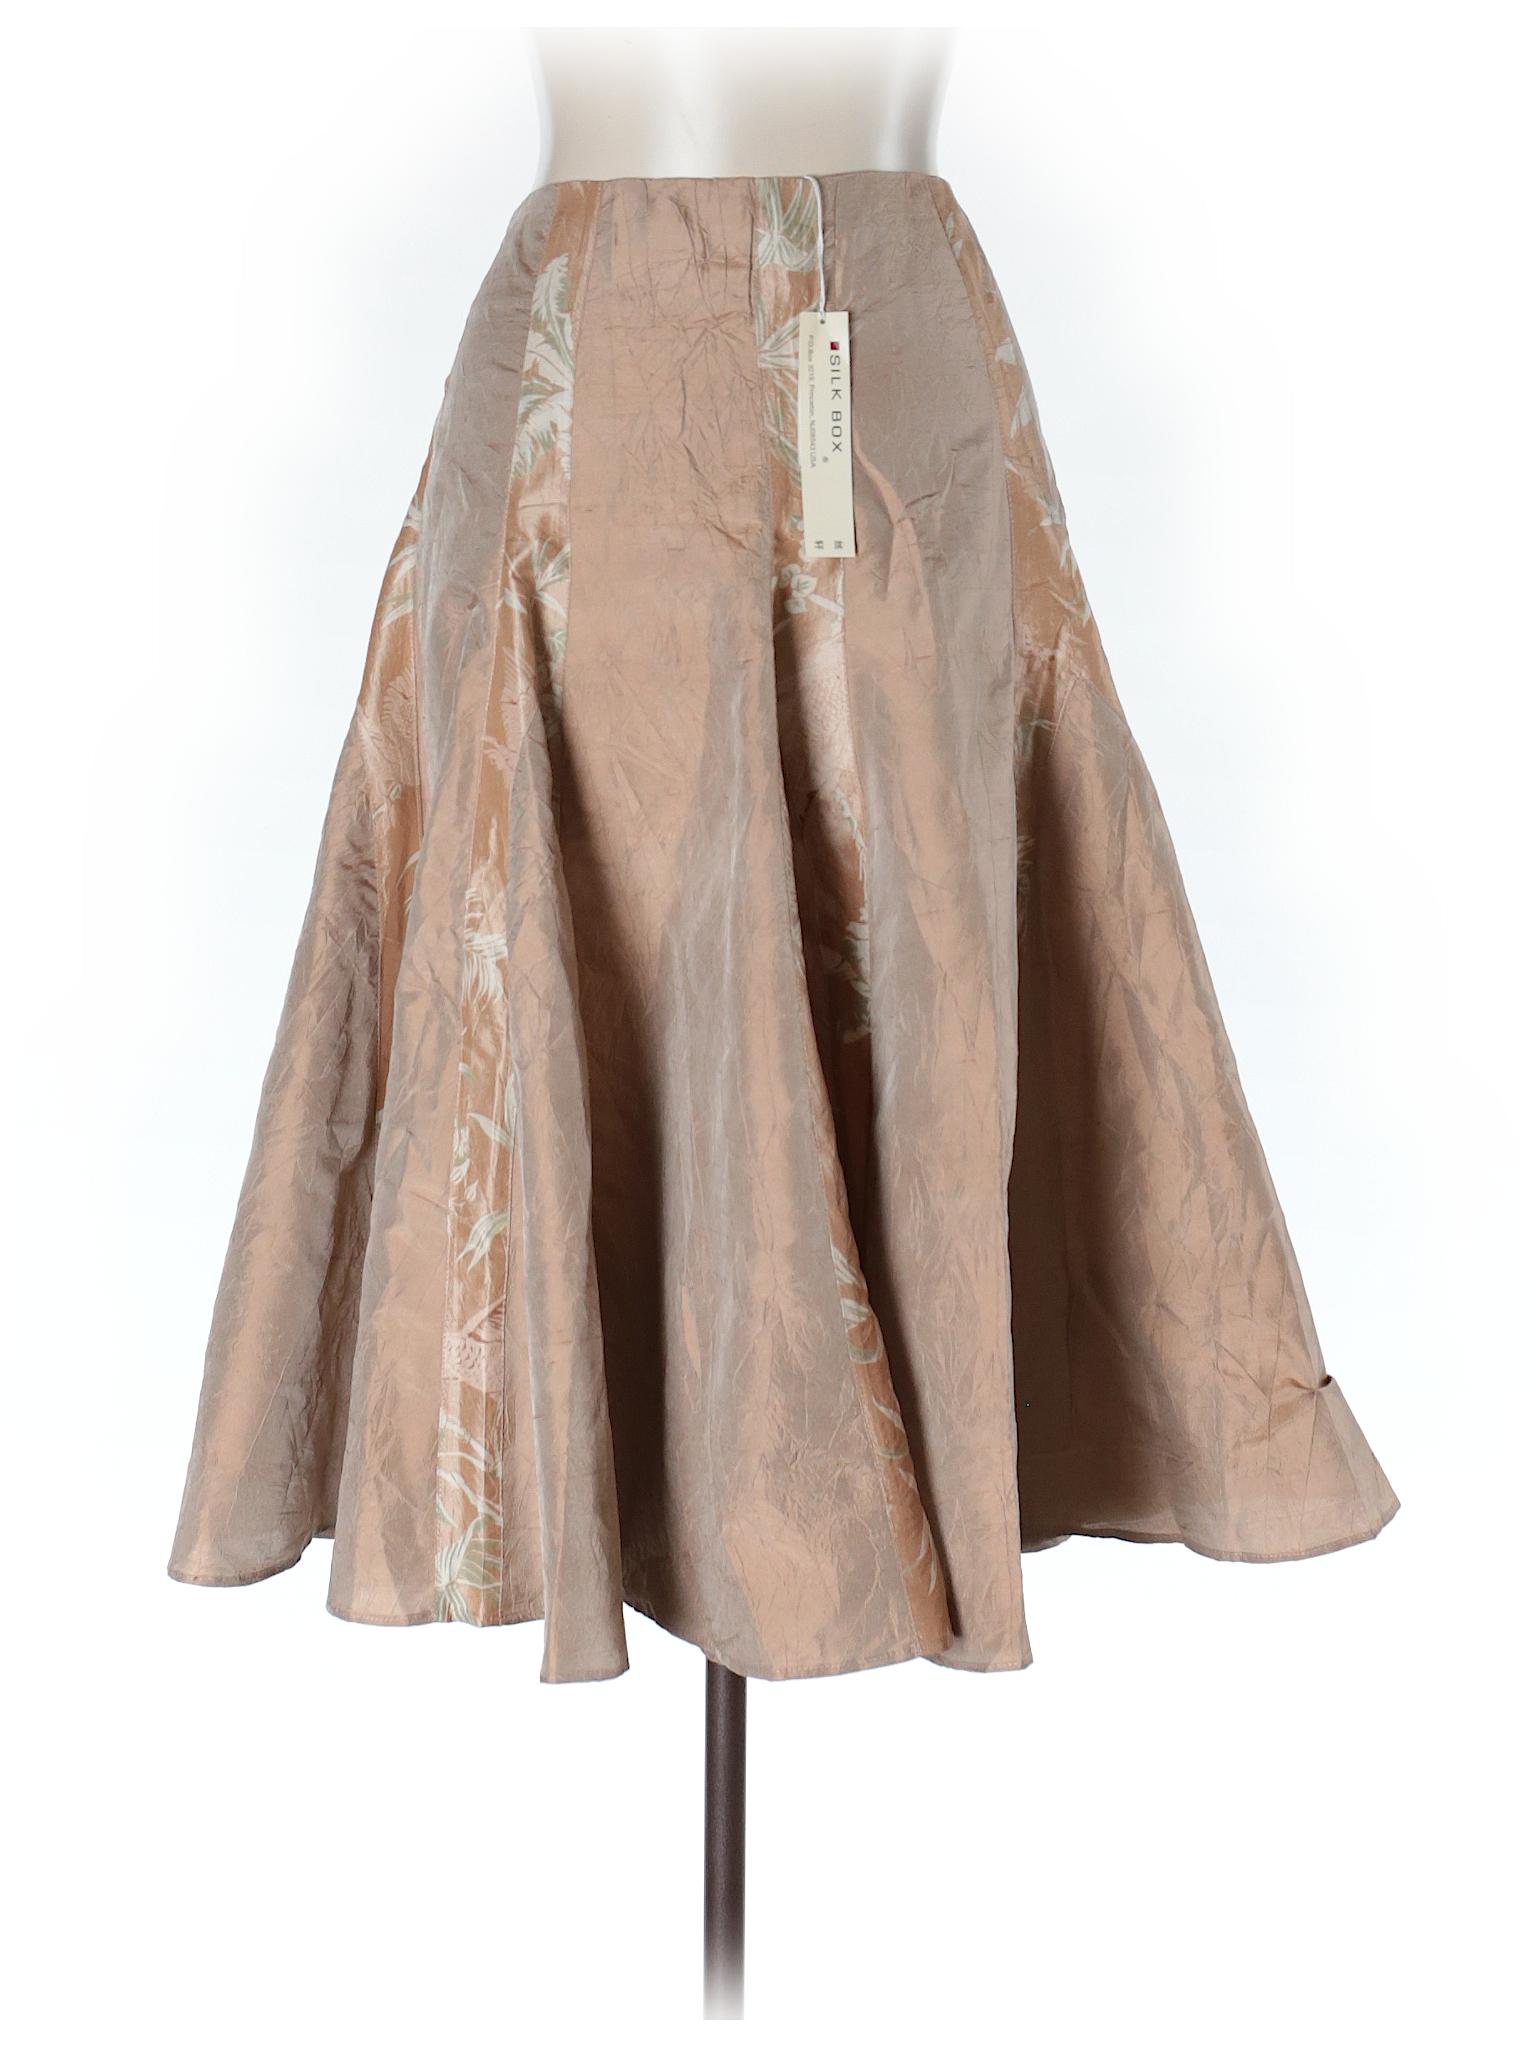 Skirt Boutique Silk Silk Silk Silk Skirt Skirt Boutique Skirt Boutique Boutique Boutique Silk n1xWRnO